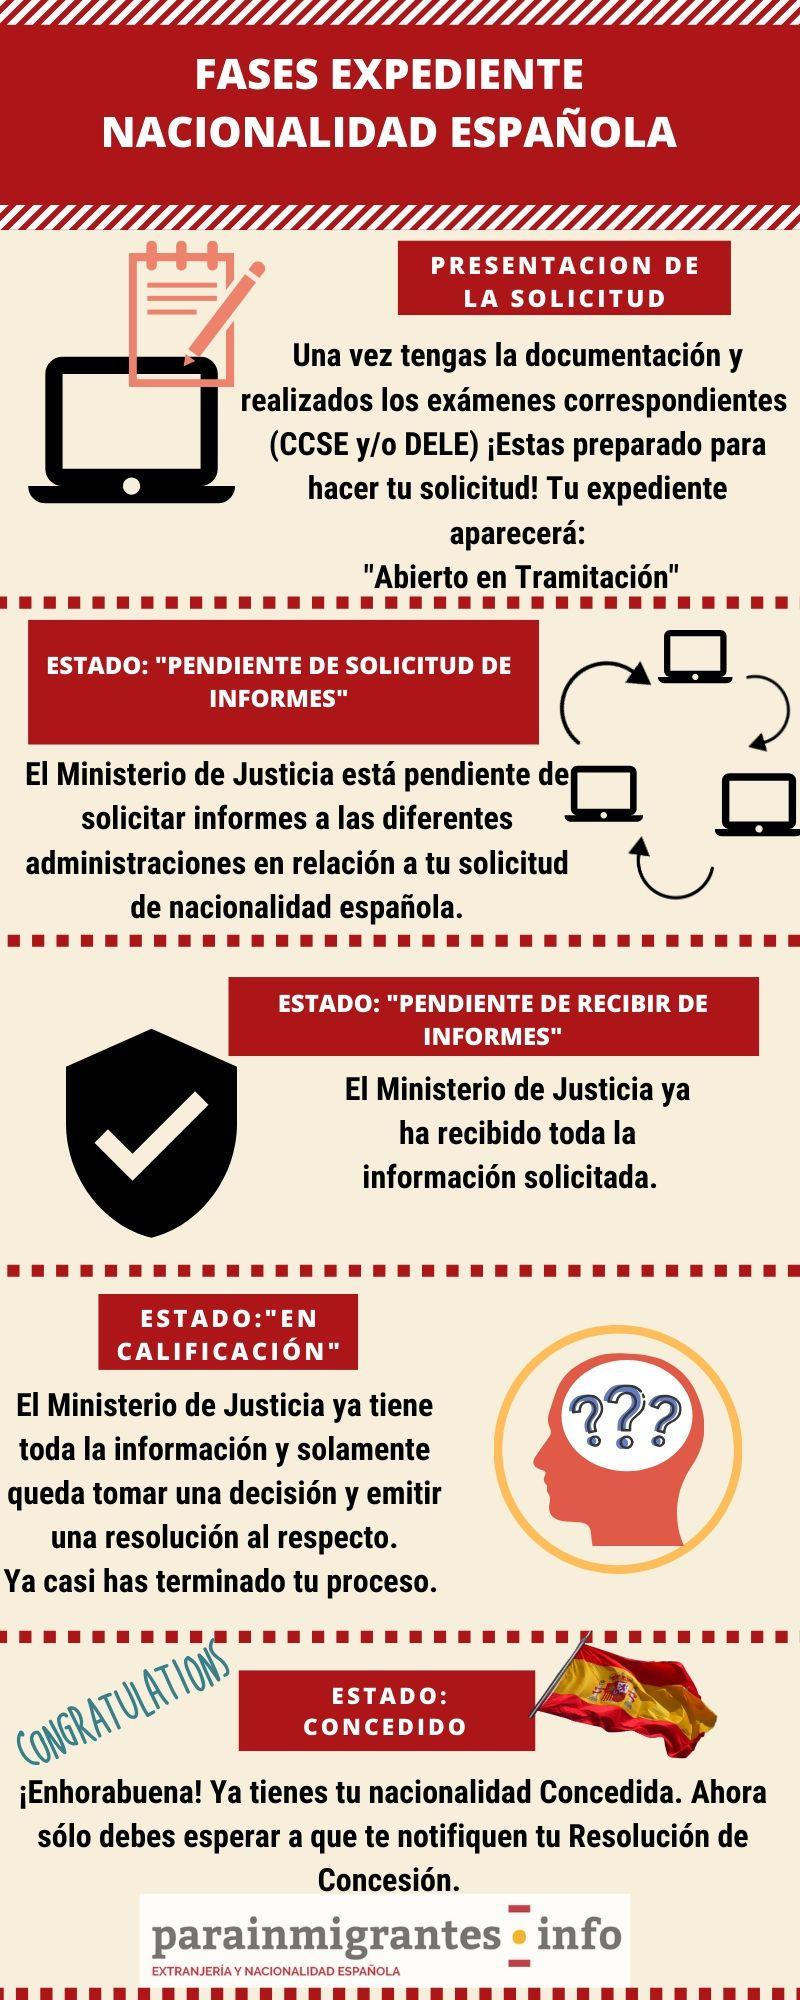 Estados expediente de nacionalidad española